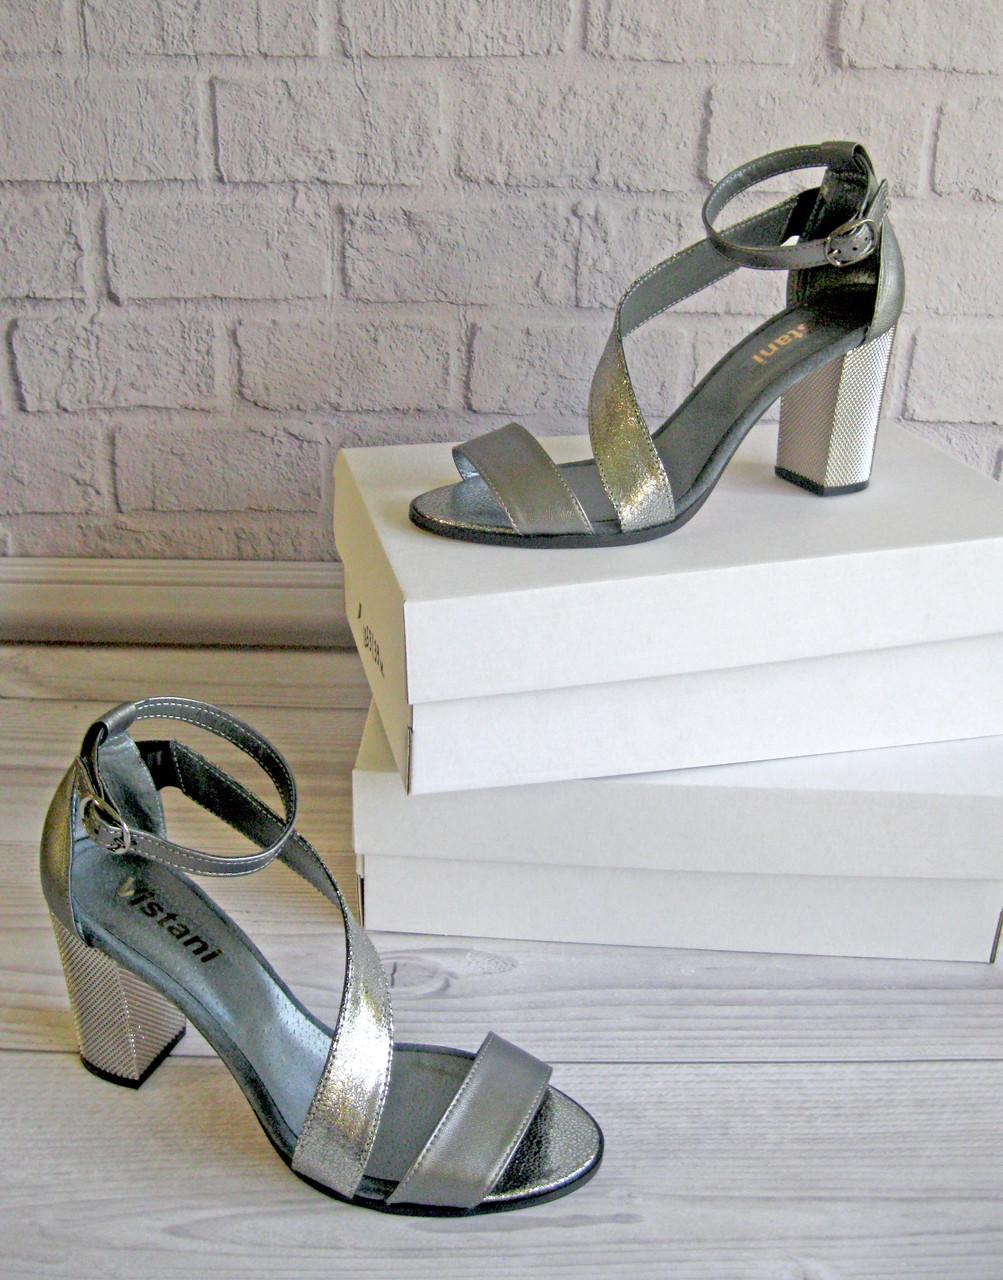 Жіночі босоніжки на підборах. Взуття Vistani.